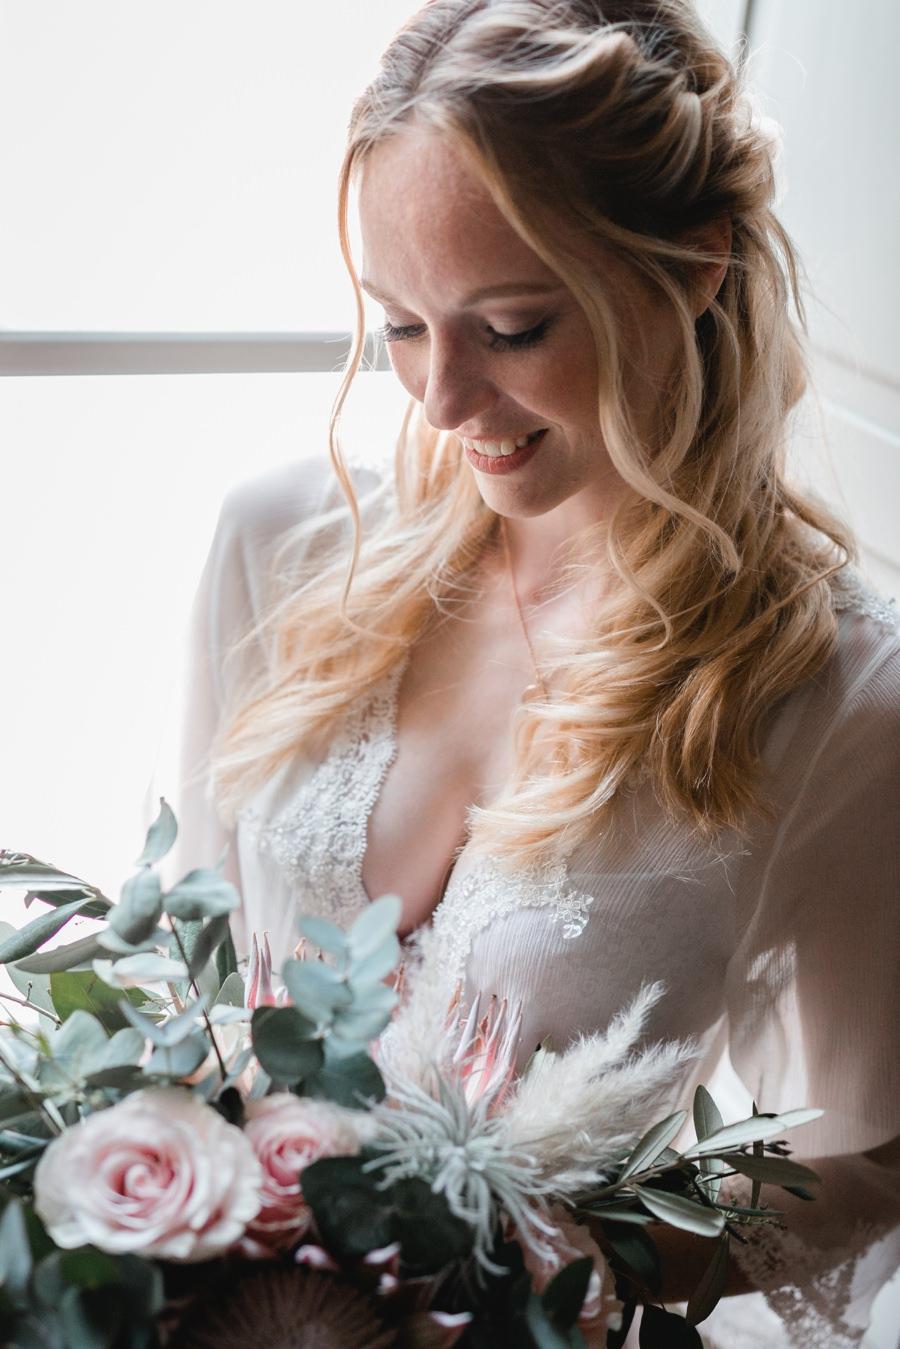 Braut Boudoir Shooting - eine sinnliche Erinnerung für Braut und Bräutigam by Stefanie Reindl Photography